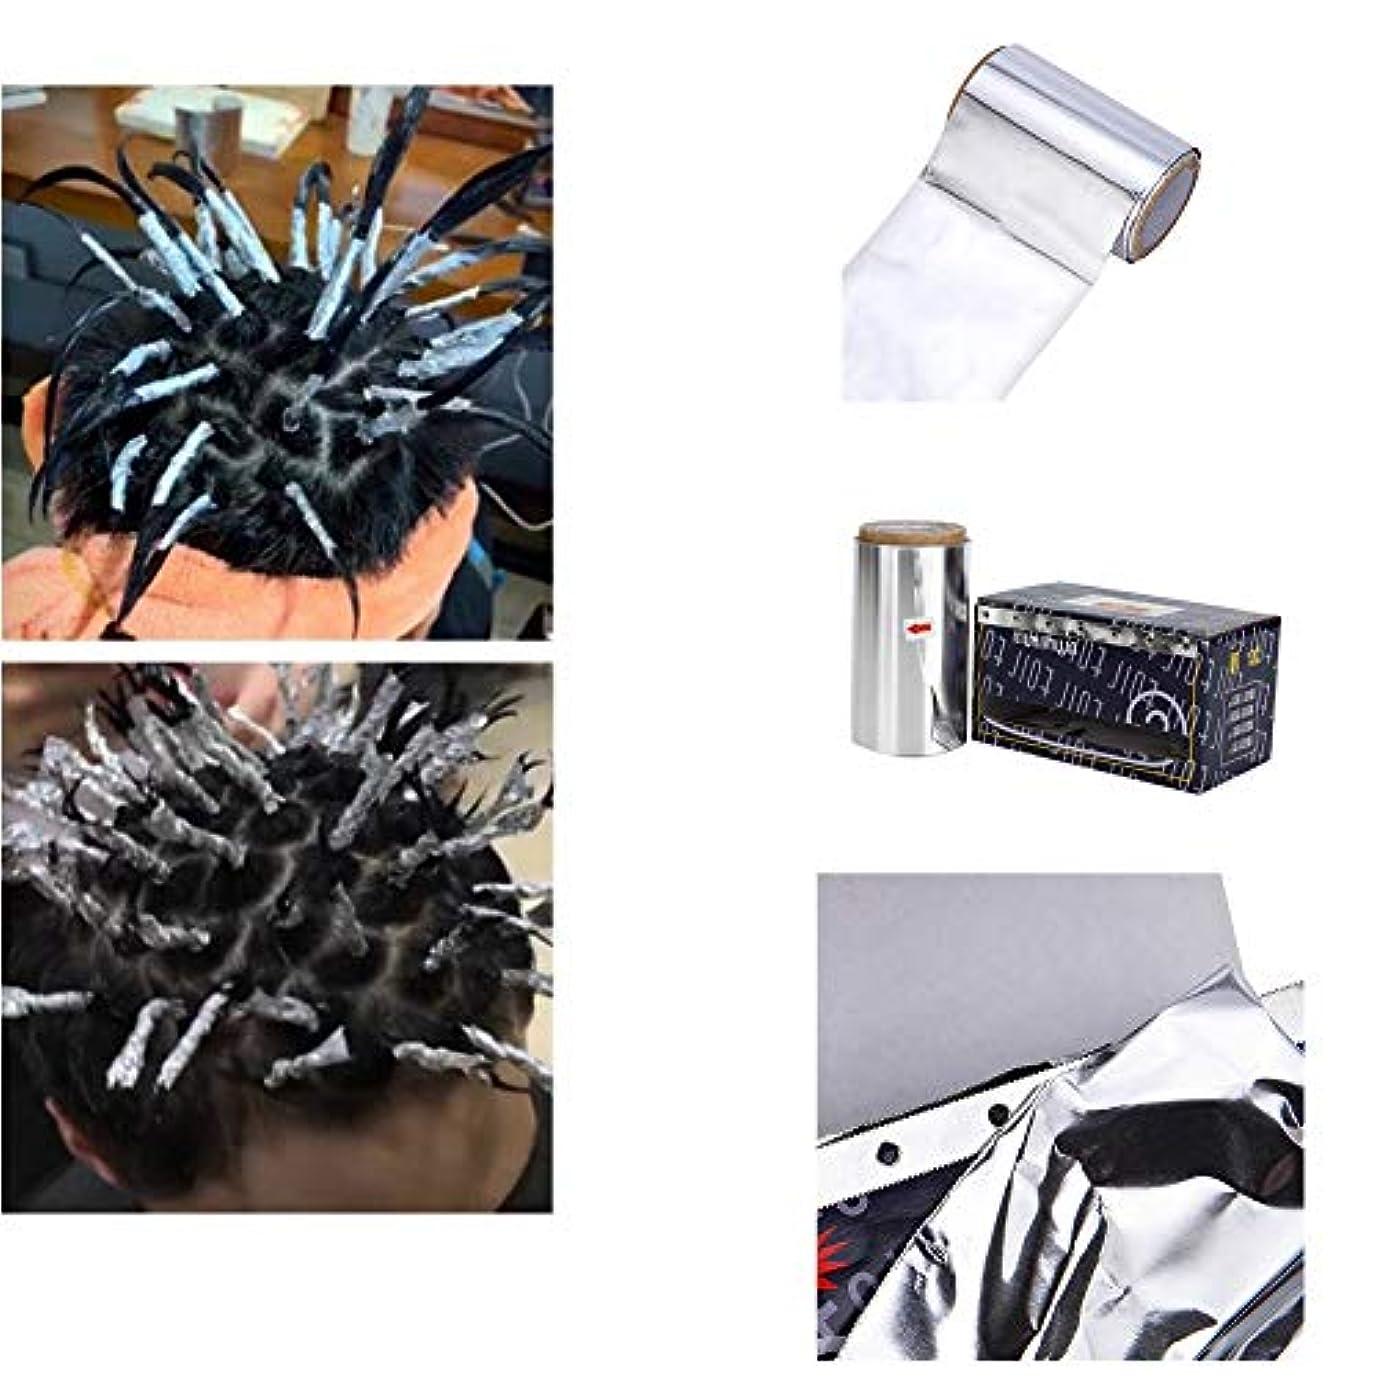 金額振り向く放牧する錫箔 FidgetFidget 理髪用品ヘアパーマスタイリングツールヘアカラーアルミ箔